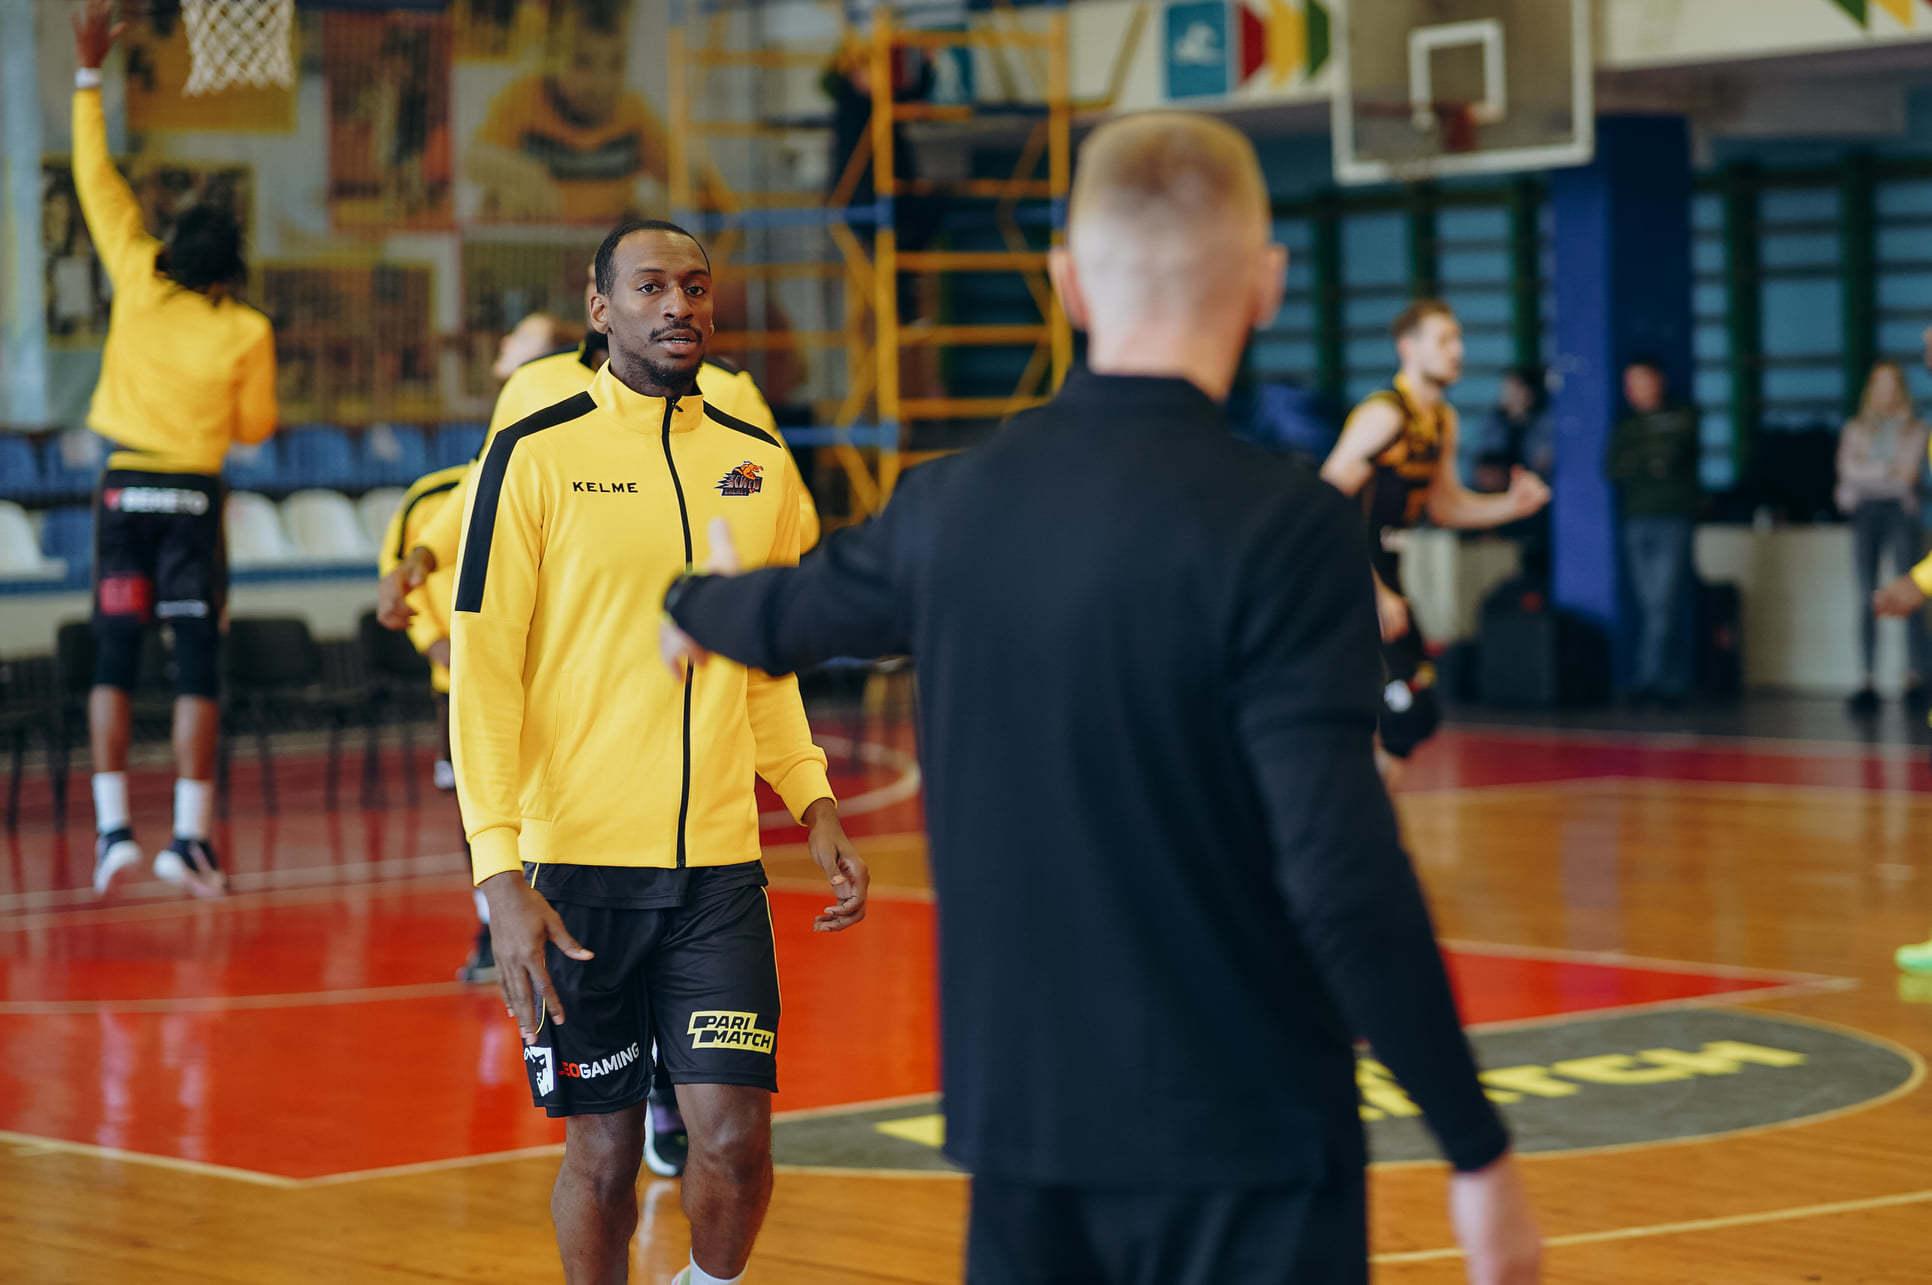 Суддя Борис Рижик провів консультацію гравцям та тренерському штабу Київ-Баскета